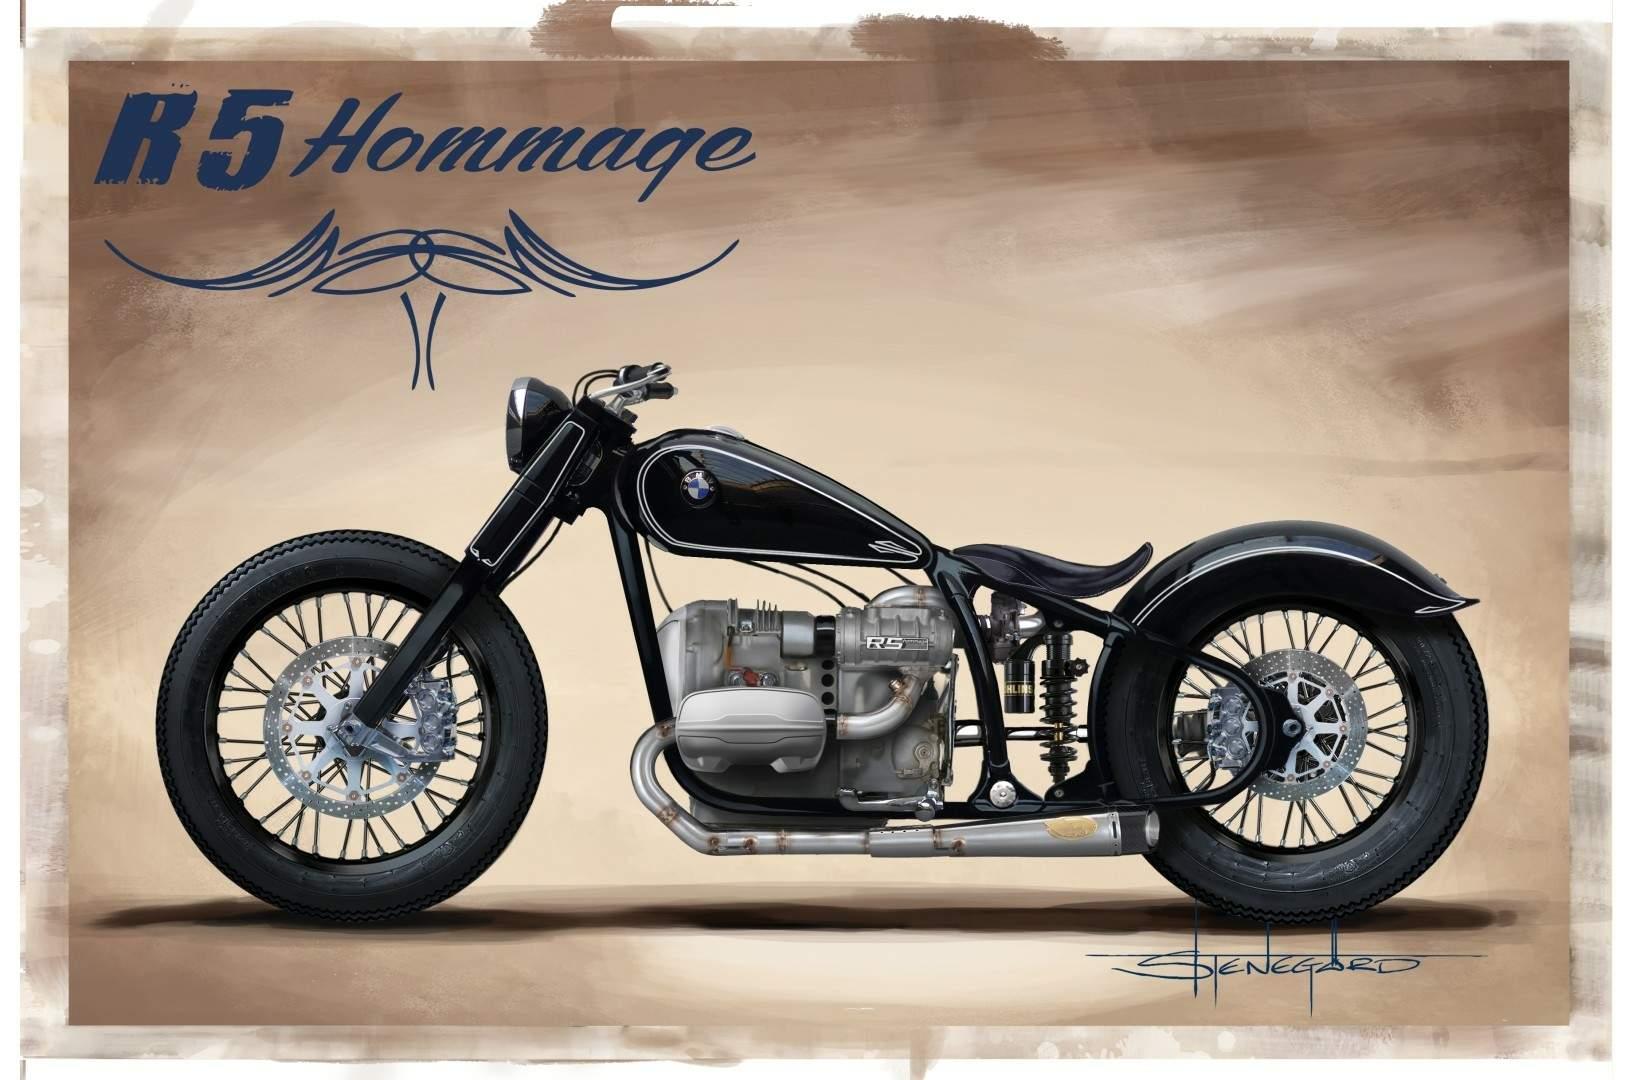 Serien Chopper Motorrad mit ähnlichem Rahmen bez. einer ähnlichen ...